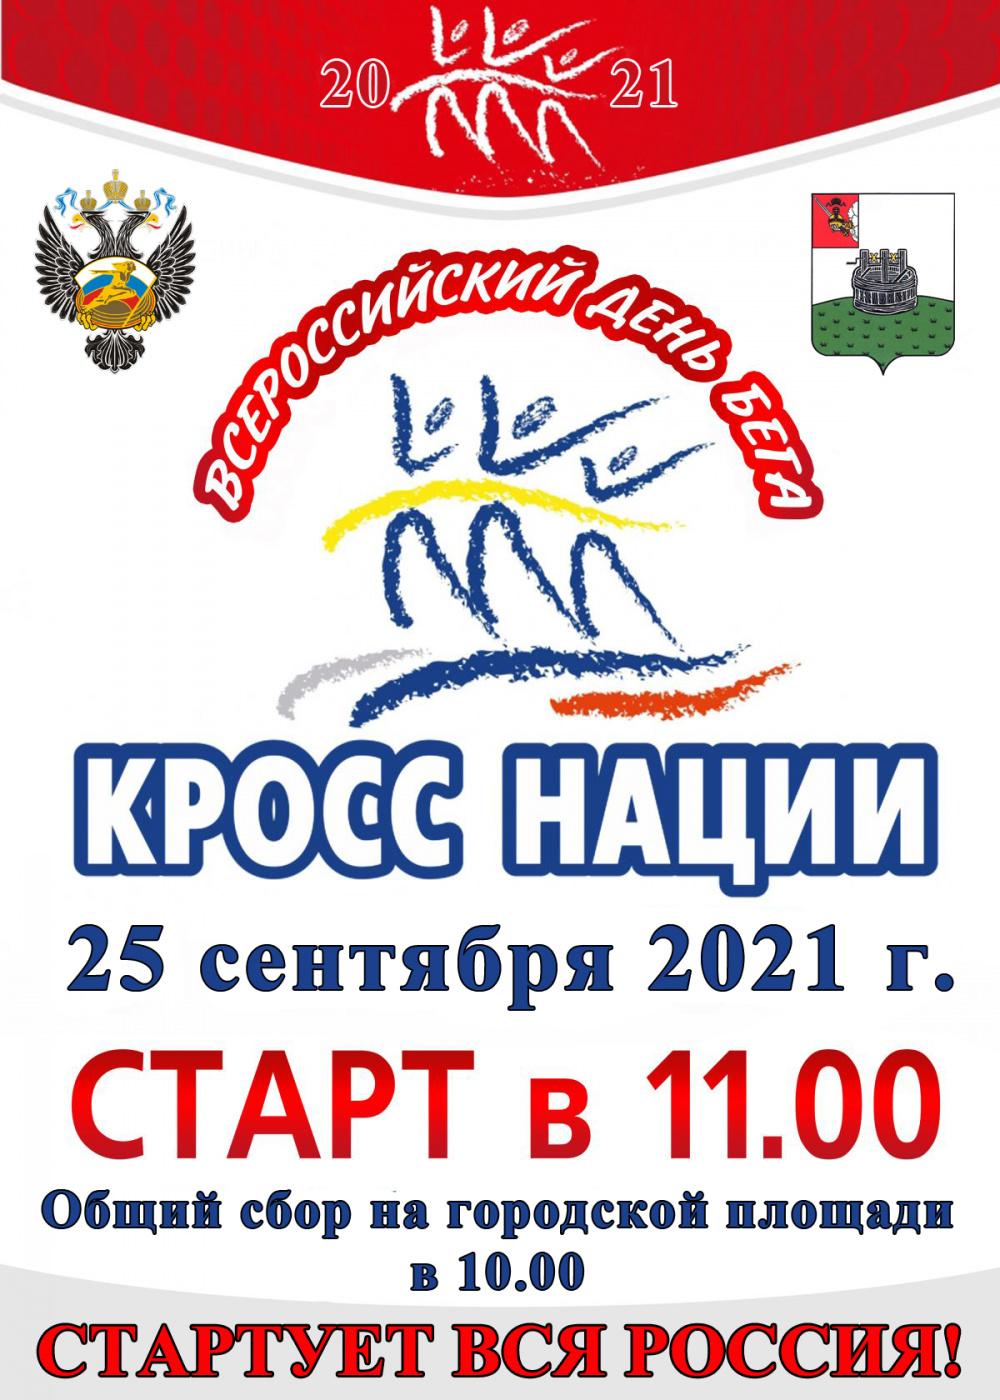 """Приглашаем принять участие во всероссийском дне бега """"Кросс нации 2021"""""""